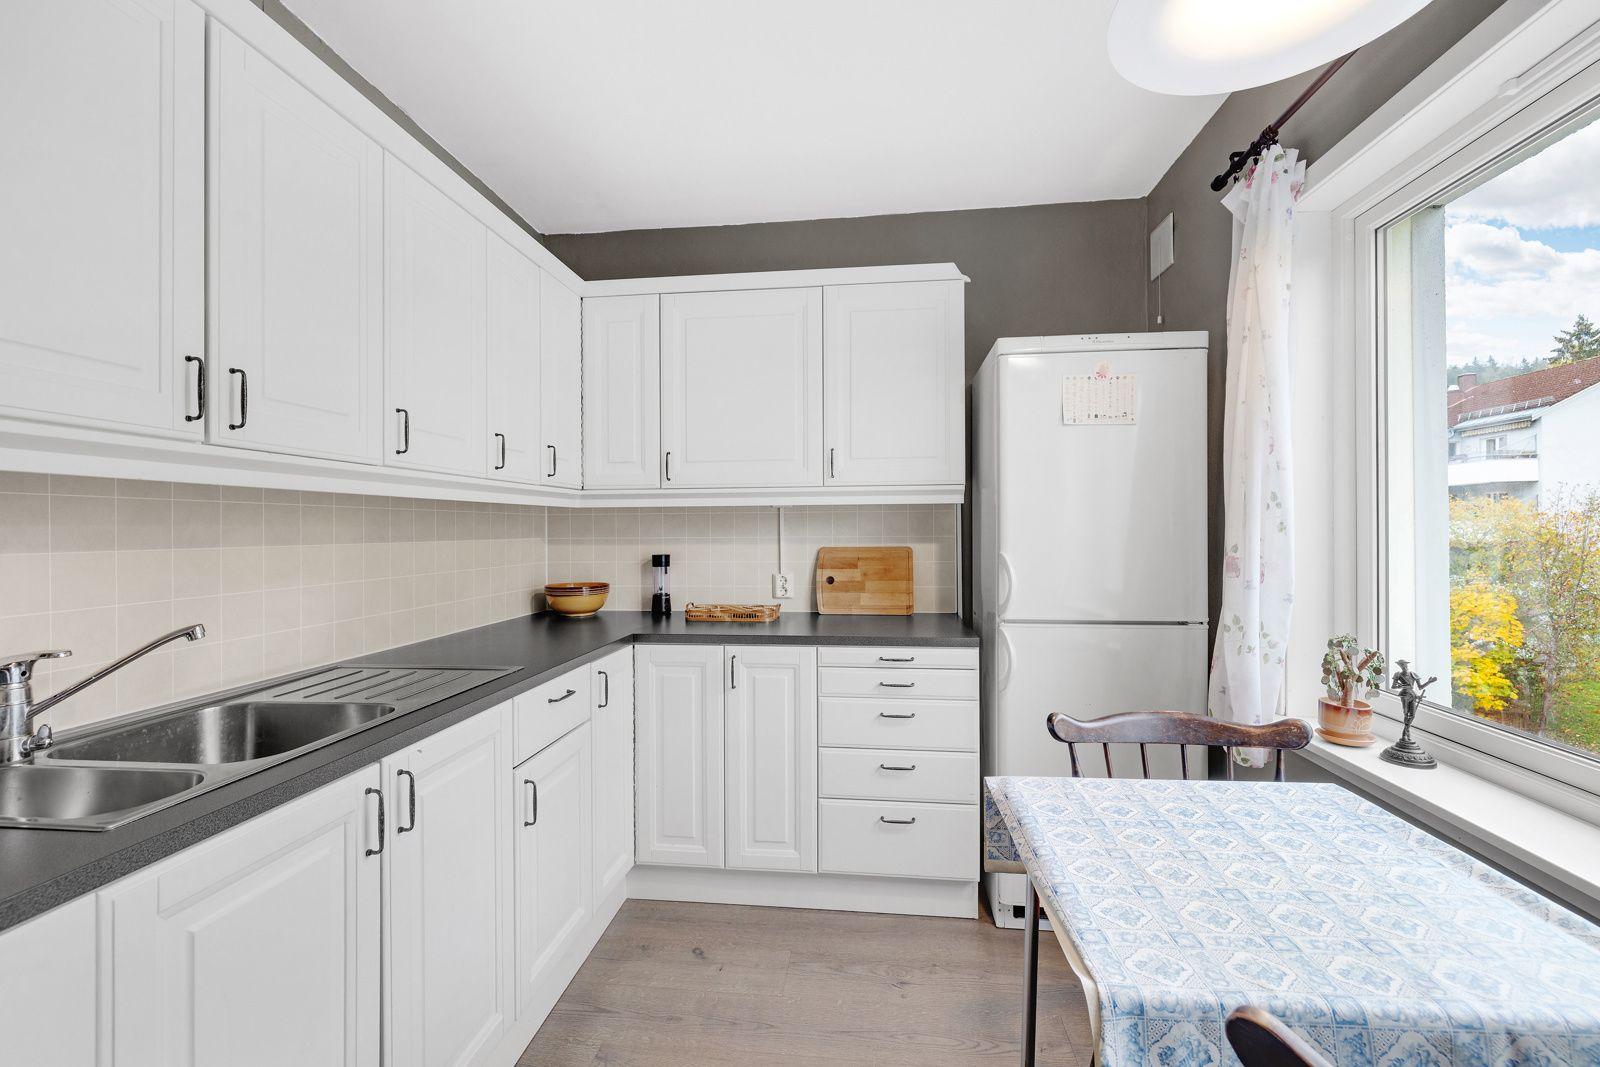 Selvbyggerveien 145 Kjøkken med god plass til kjøkkenbord